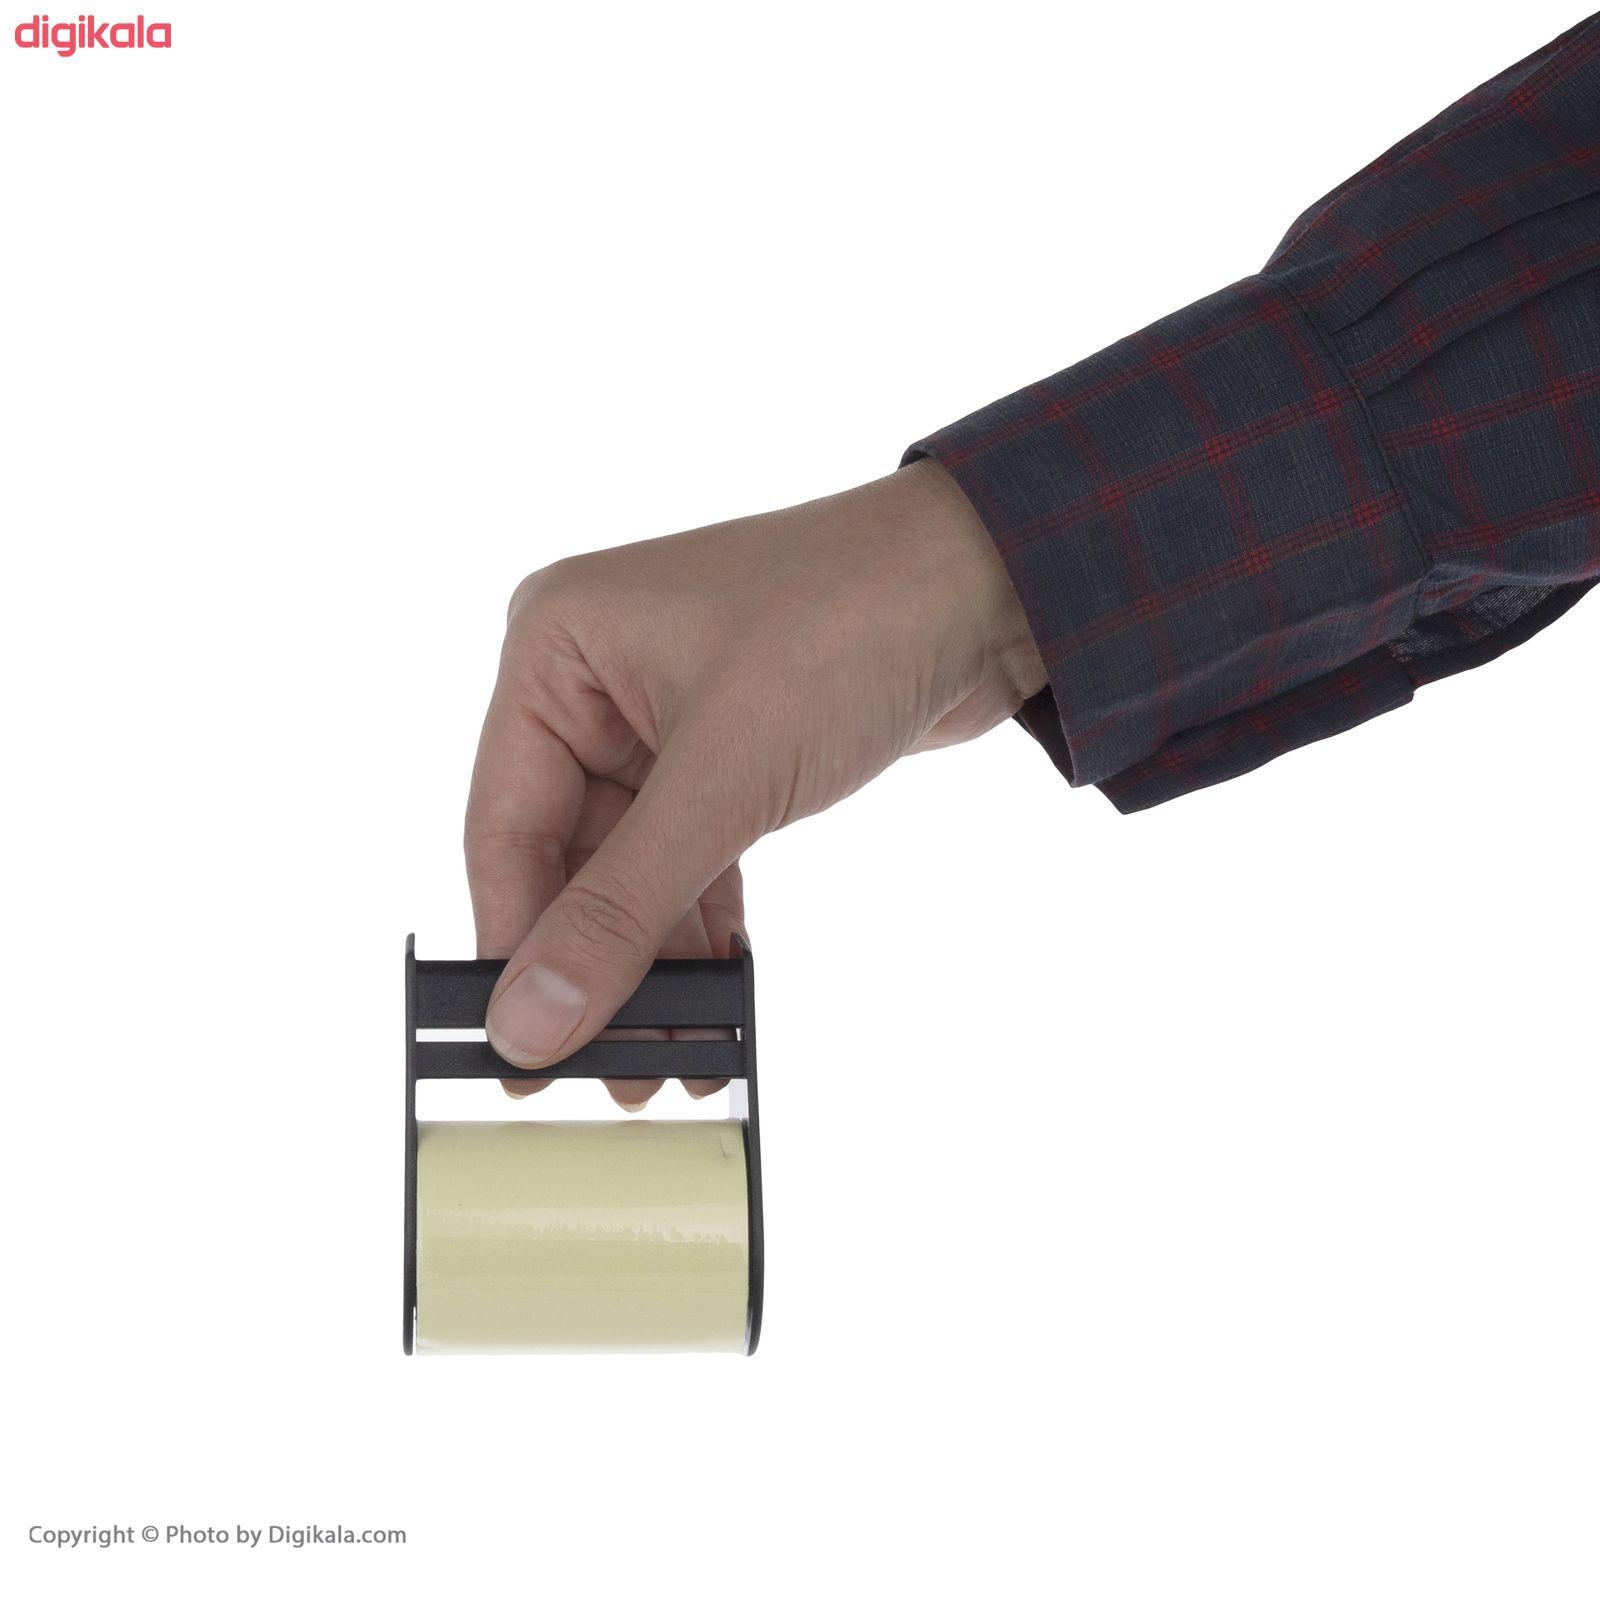 کاغذ یادداشت چسب دار ایسلتی مدل contacta main 1 3